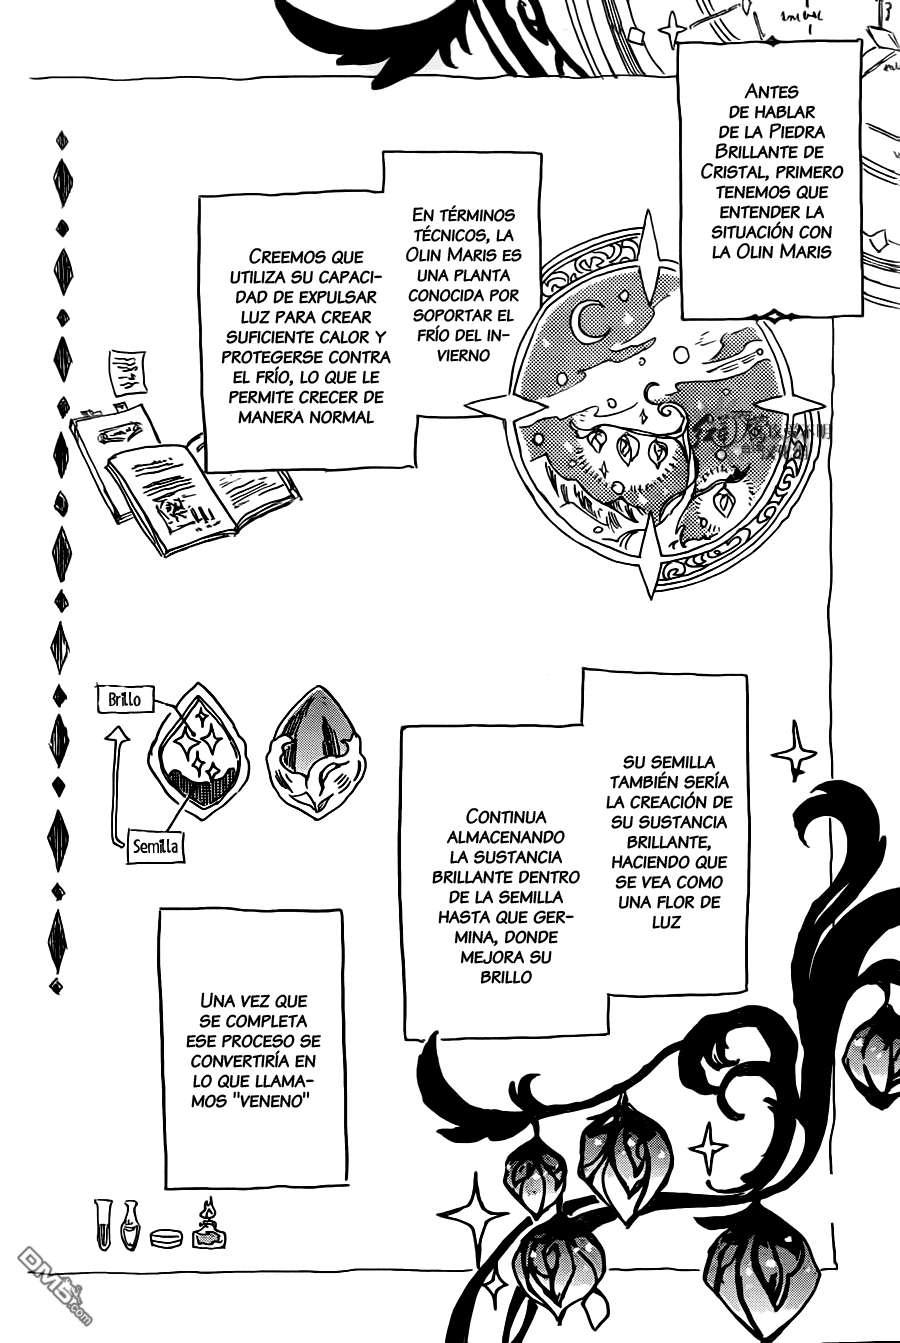 https://c5.ninemanga.com/es_manga/12/16588/420767/3c9e23a0c15bea3ded2046e8d86d7db9.jpg Page 3